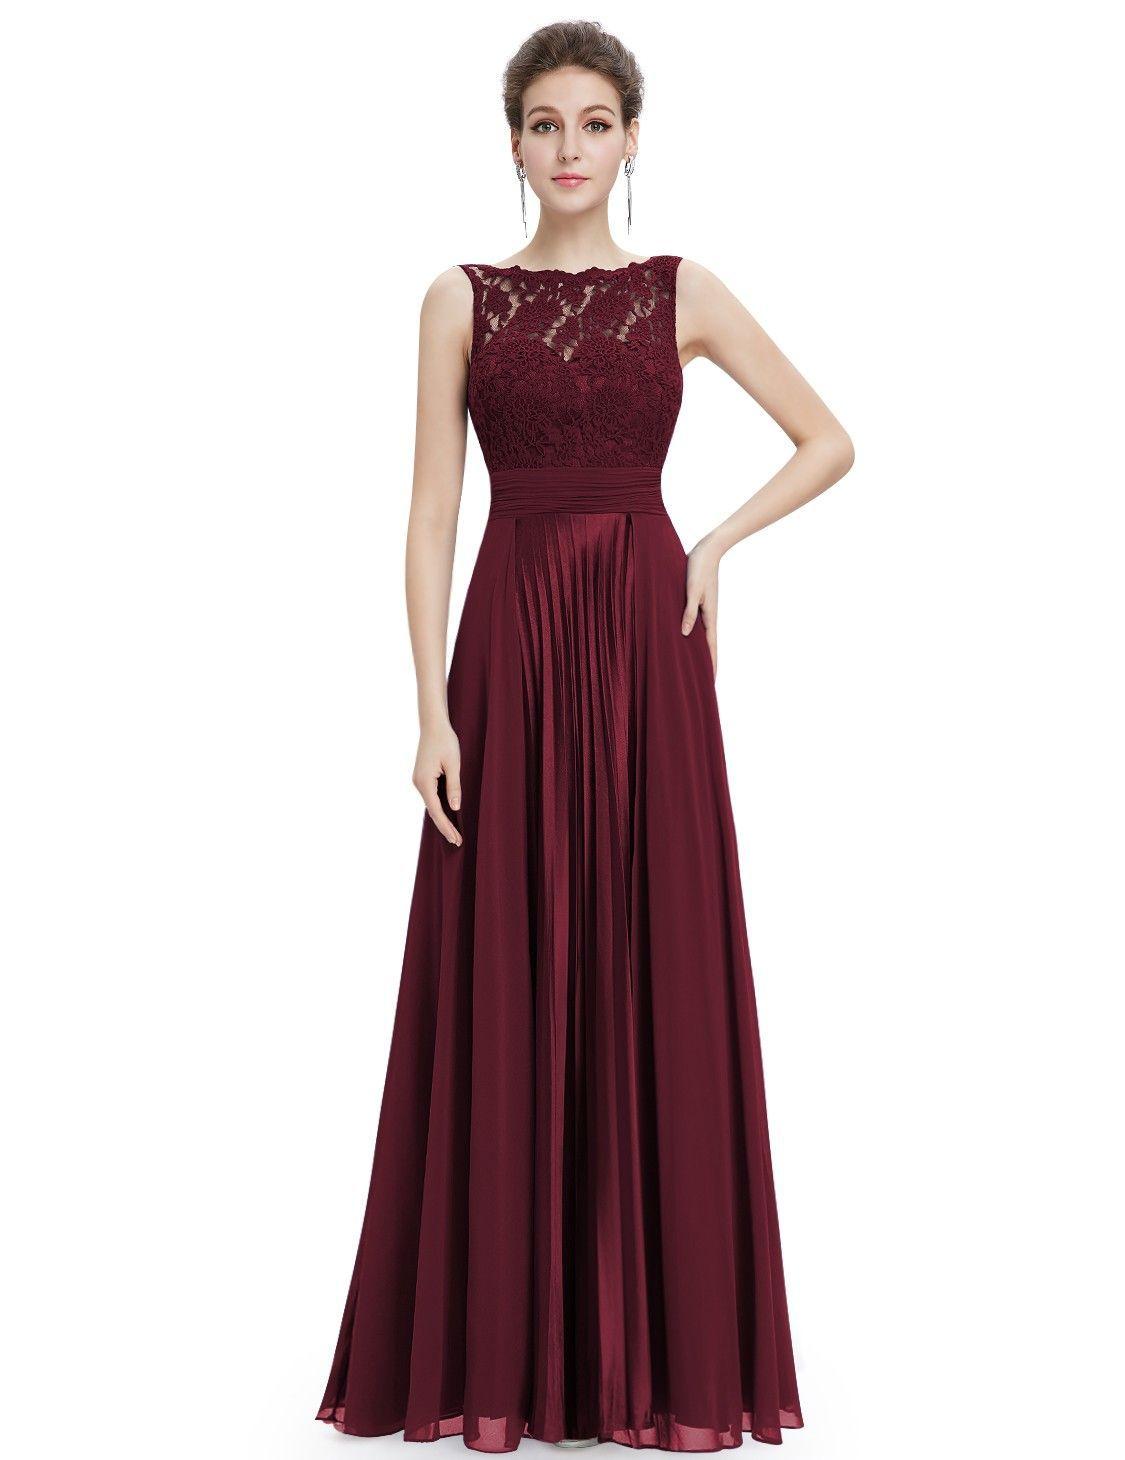 Elegantes Brautjungfer Cocktailkleid 2019 Dunkelrot Rundhals  Abendkleider 2019 Trends Online